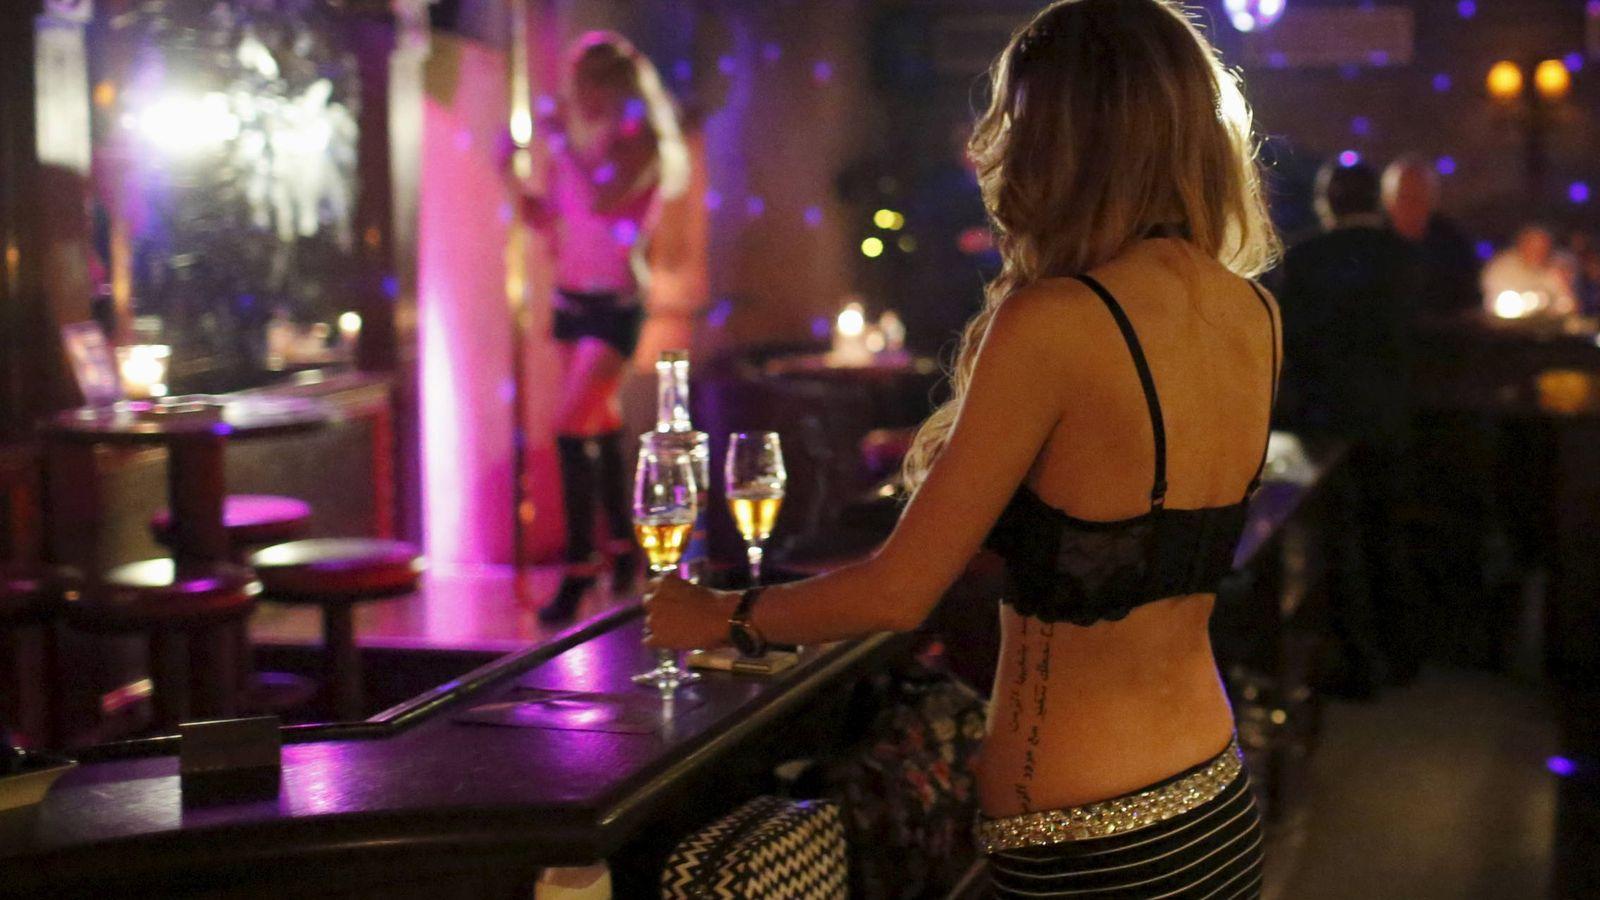 prostitutas en europa el de los españoles admite que pagó a prostitutas el año pasado